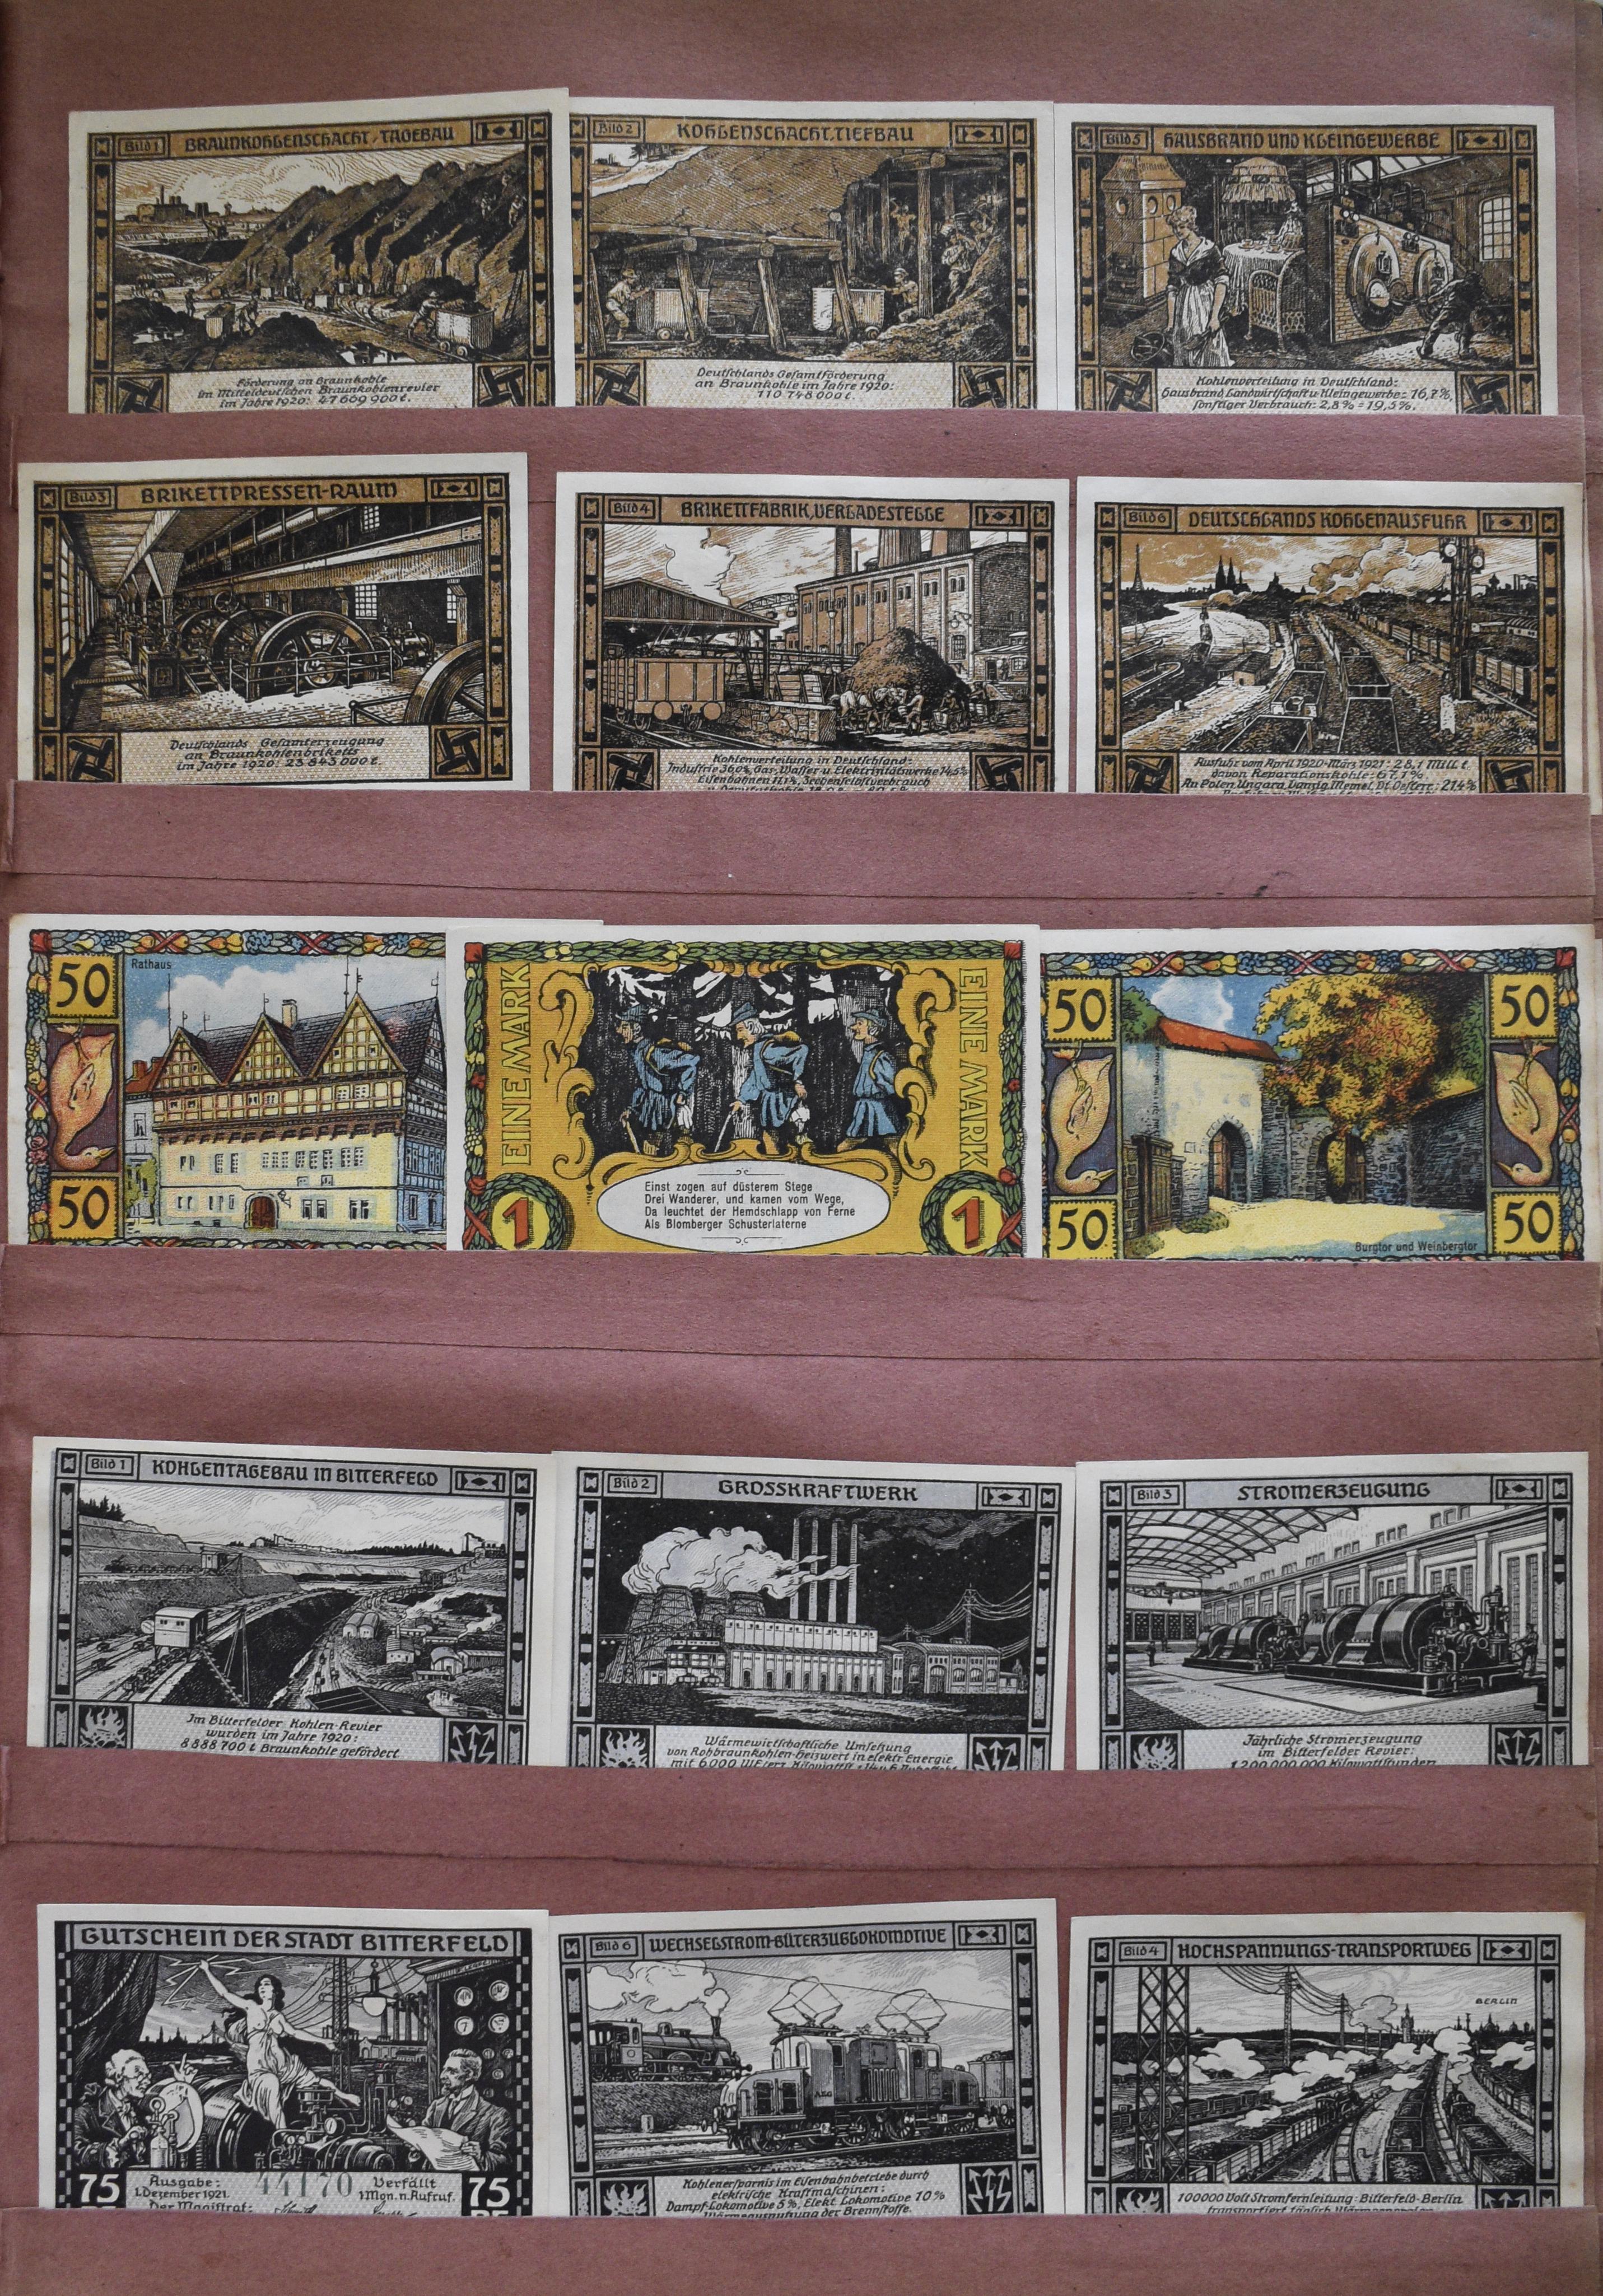 Lot 9980 - deutschland - notgeld banknoten -  Auktionshaus Christoph Gärtner GmbH & Co. KG Sale #47 Banknotes Worldwide & Germany, Numismatics